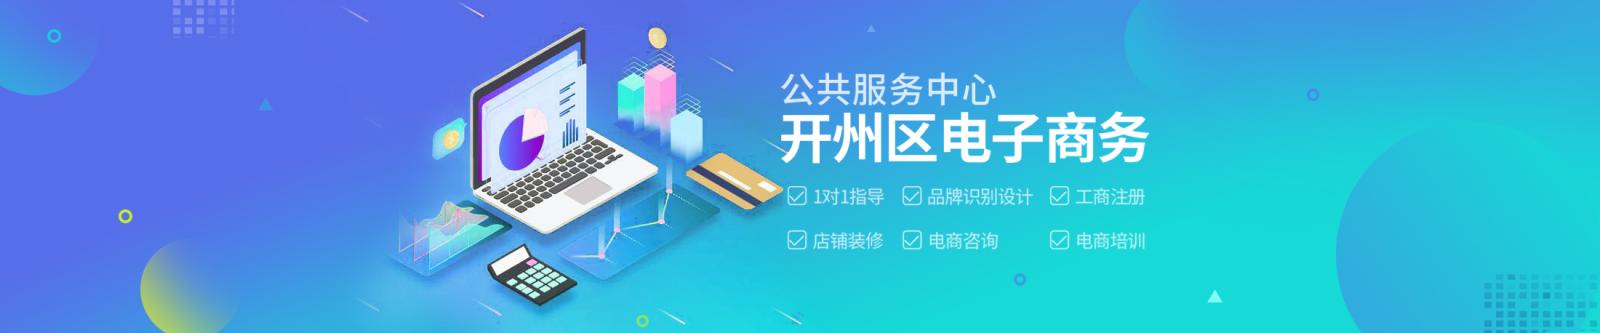 爱游戏官方主页公共服务中心